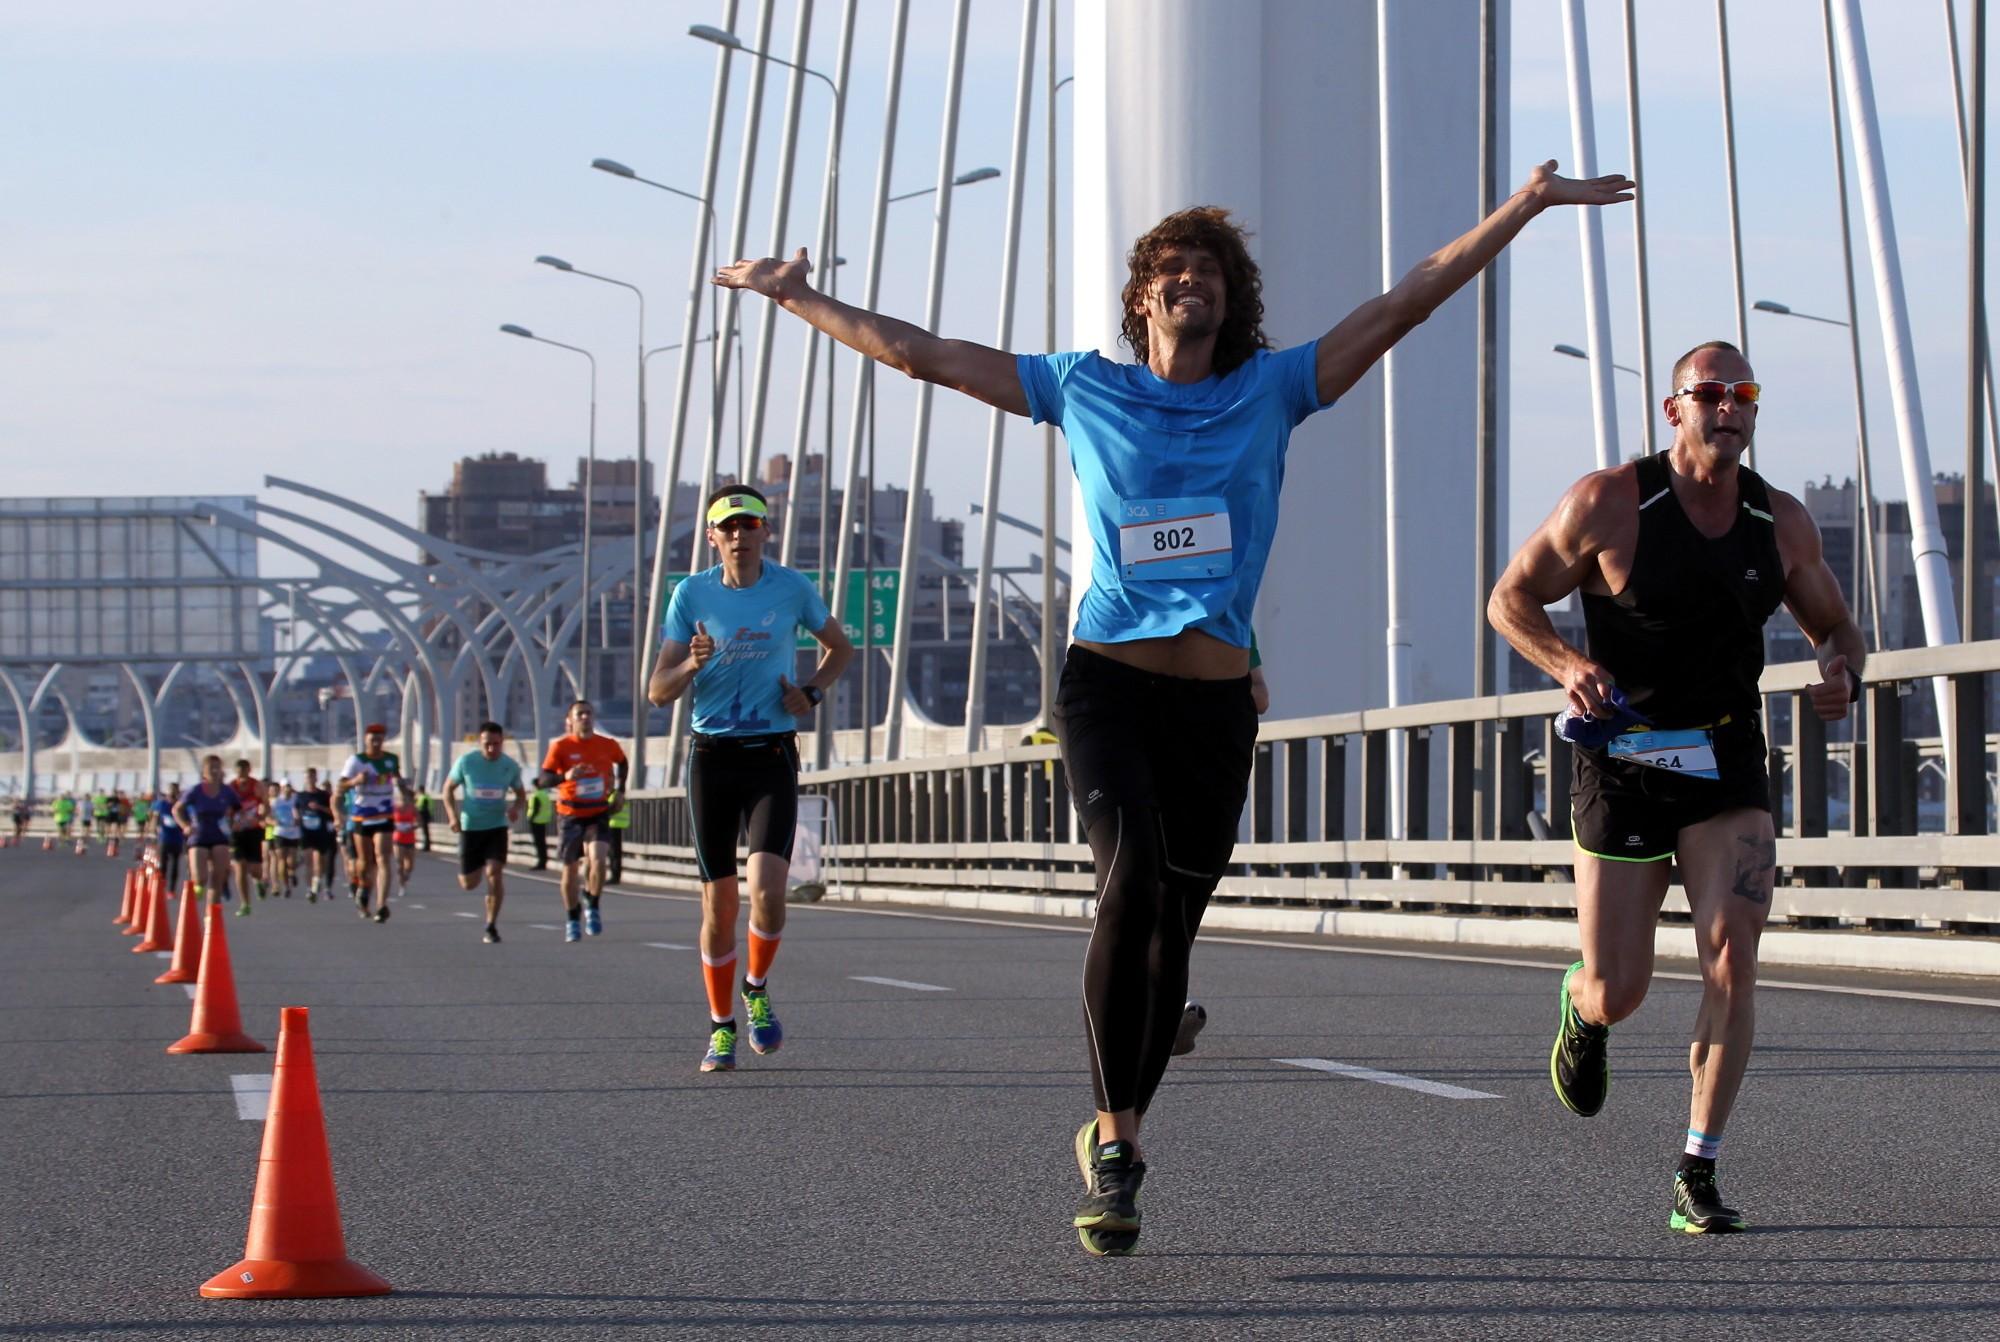 спортивный фестиваль ЗСД легкая атлетика бег